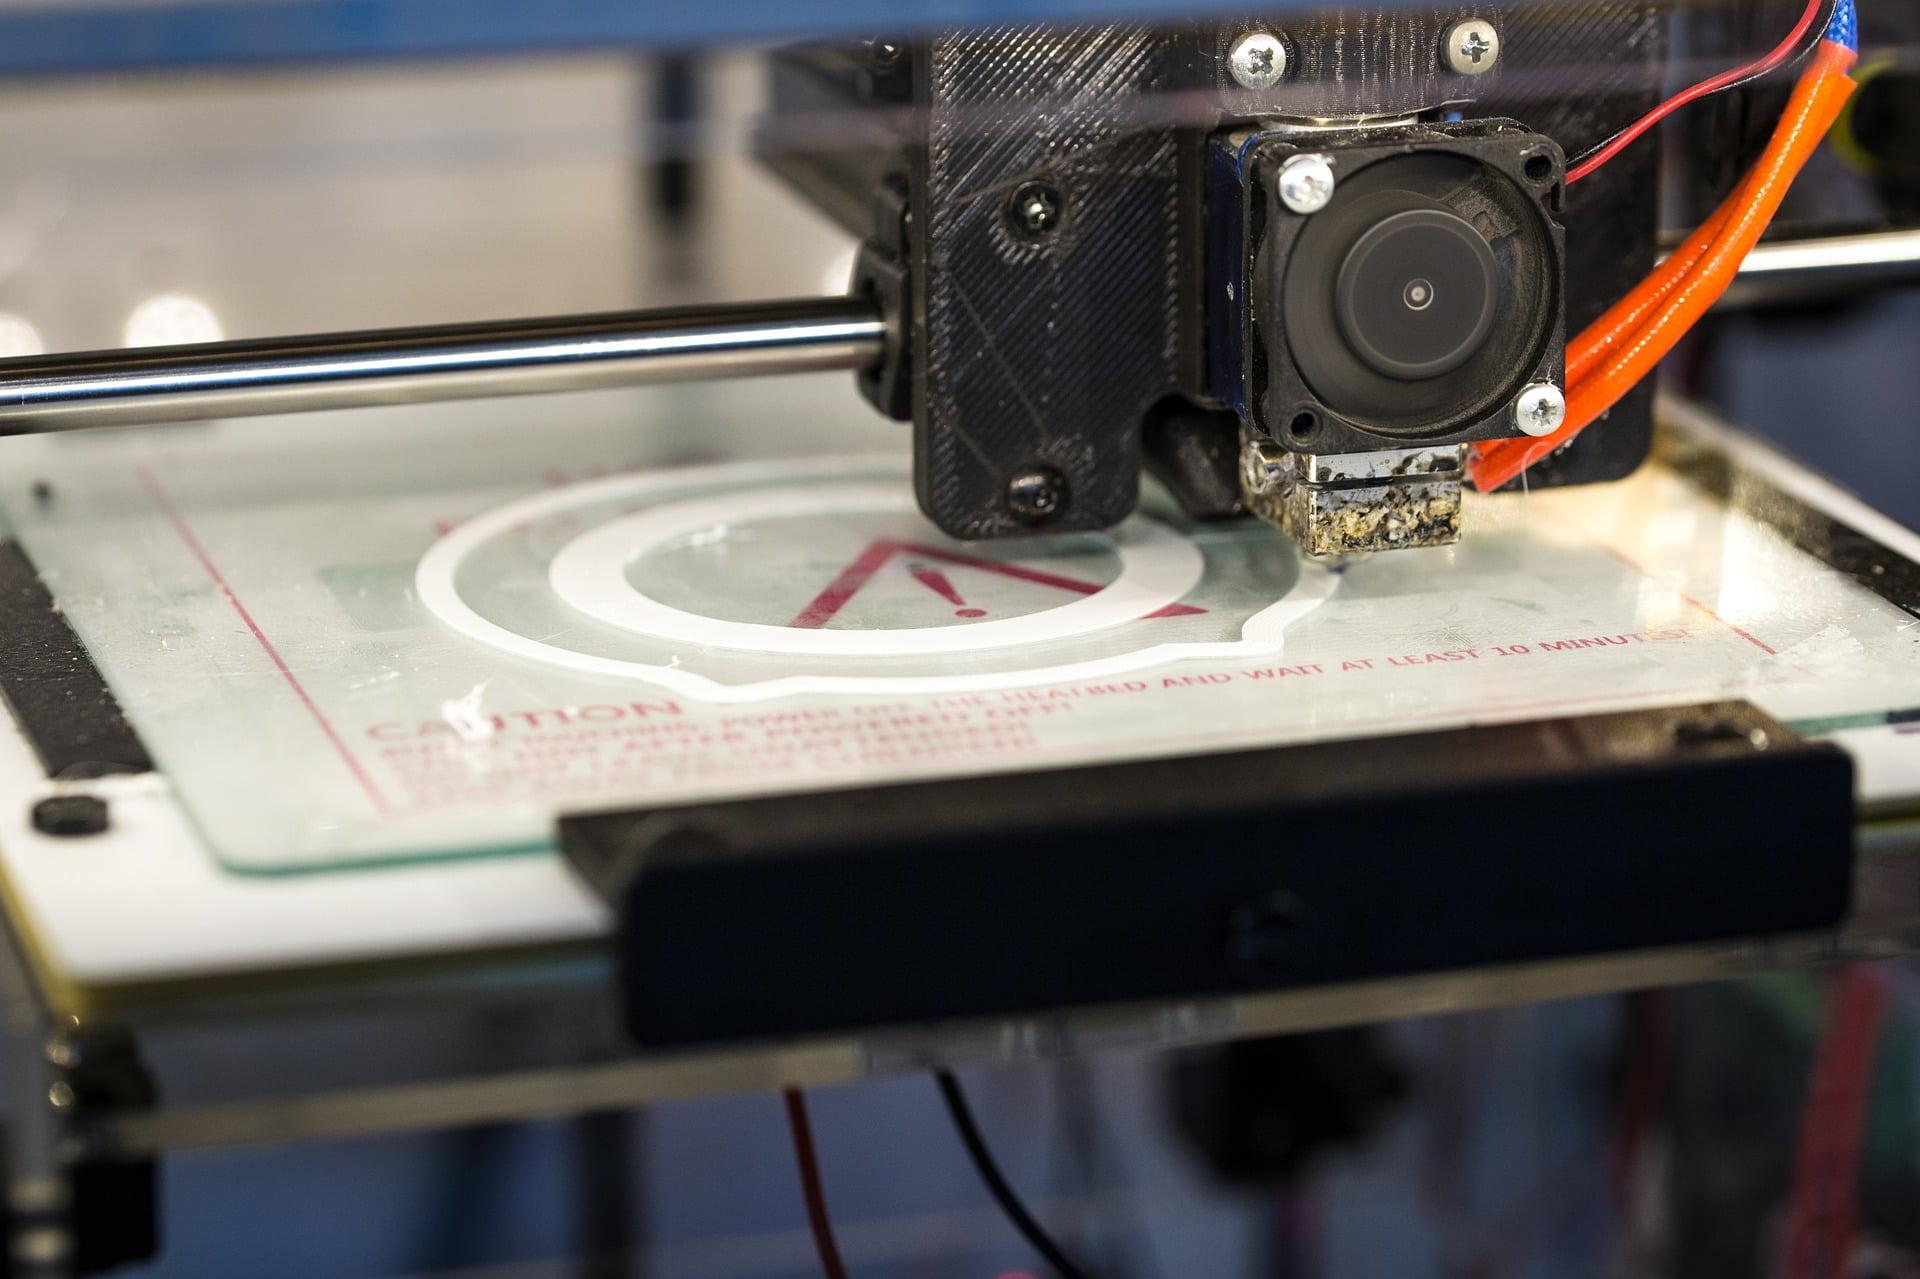 Impresión 3D jlb Studio Soluciones Informáticas